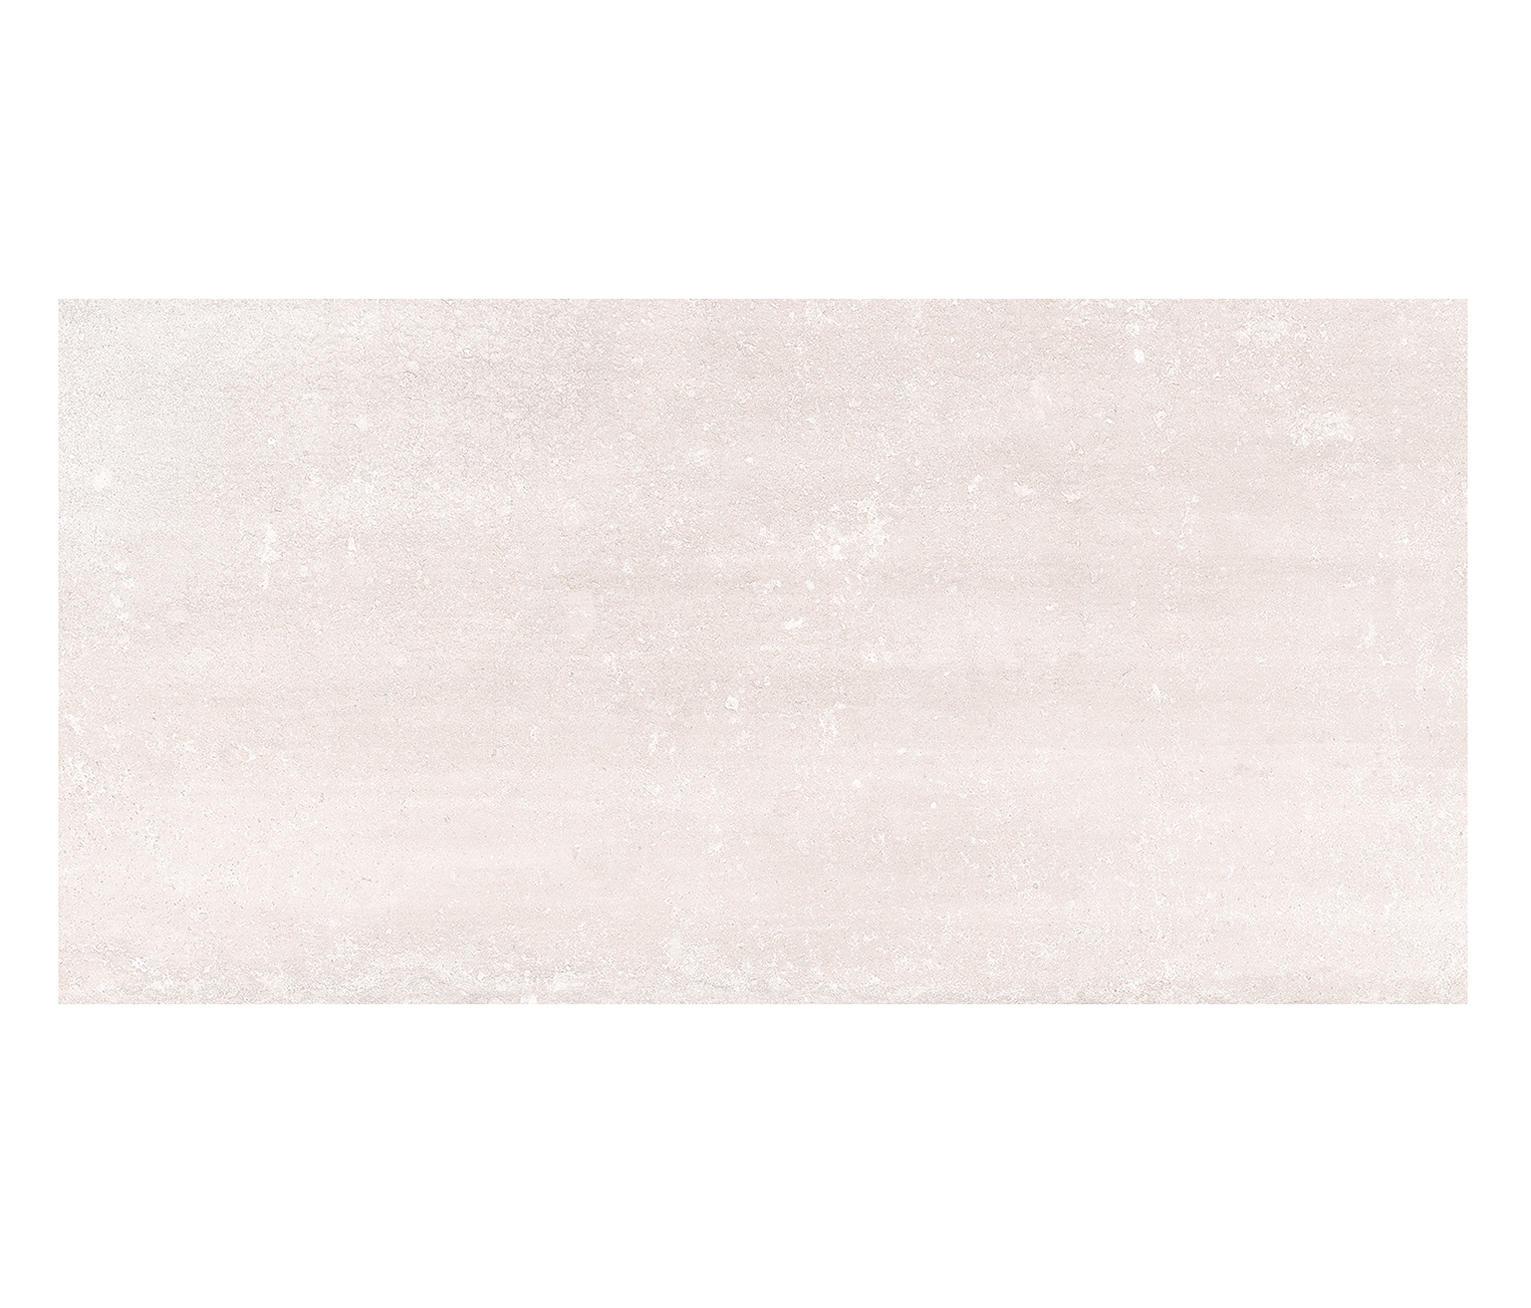 District beige carrelage pour sol de keraben architonic for Carrelage keraben